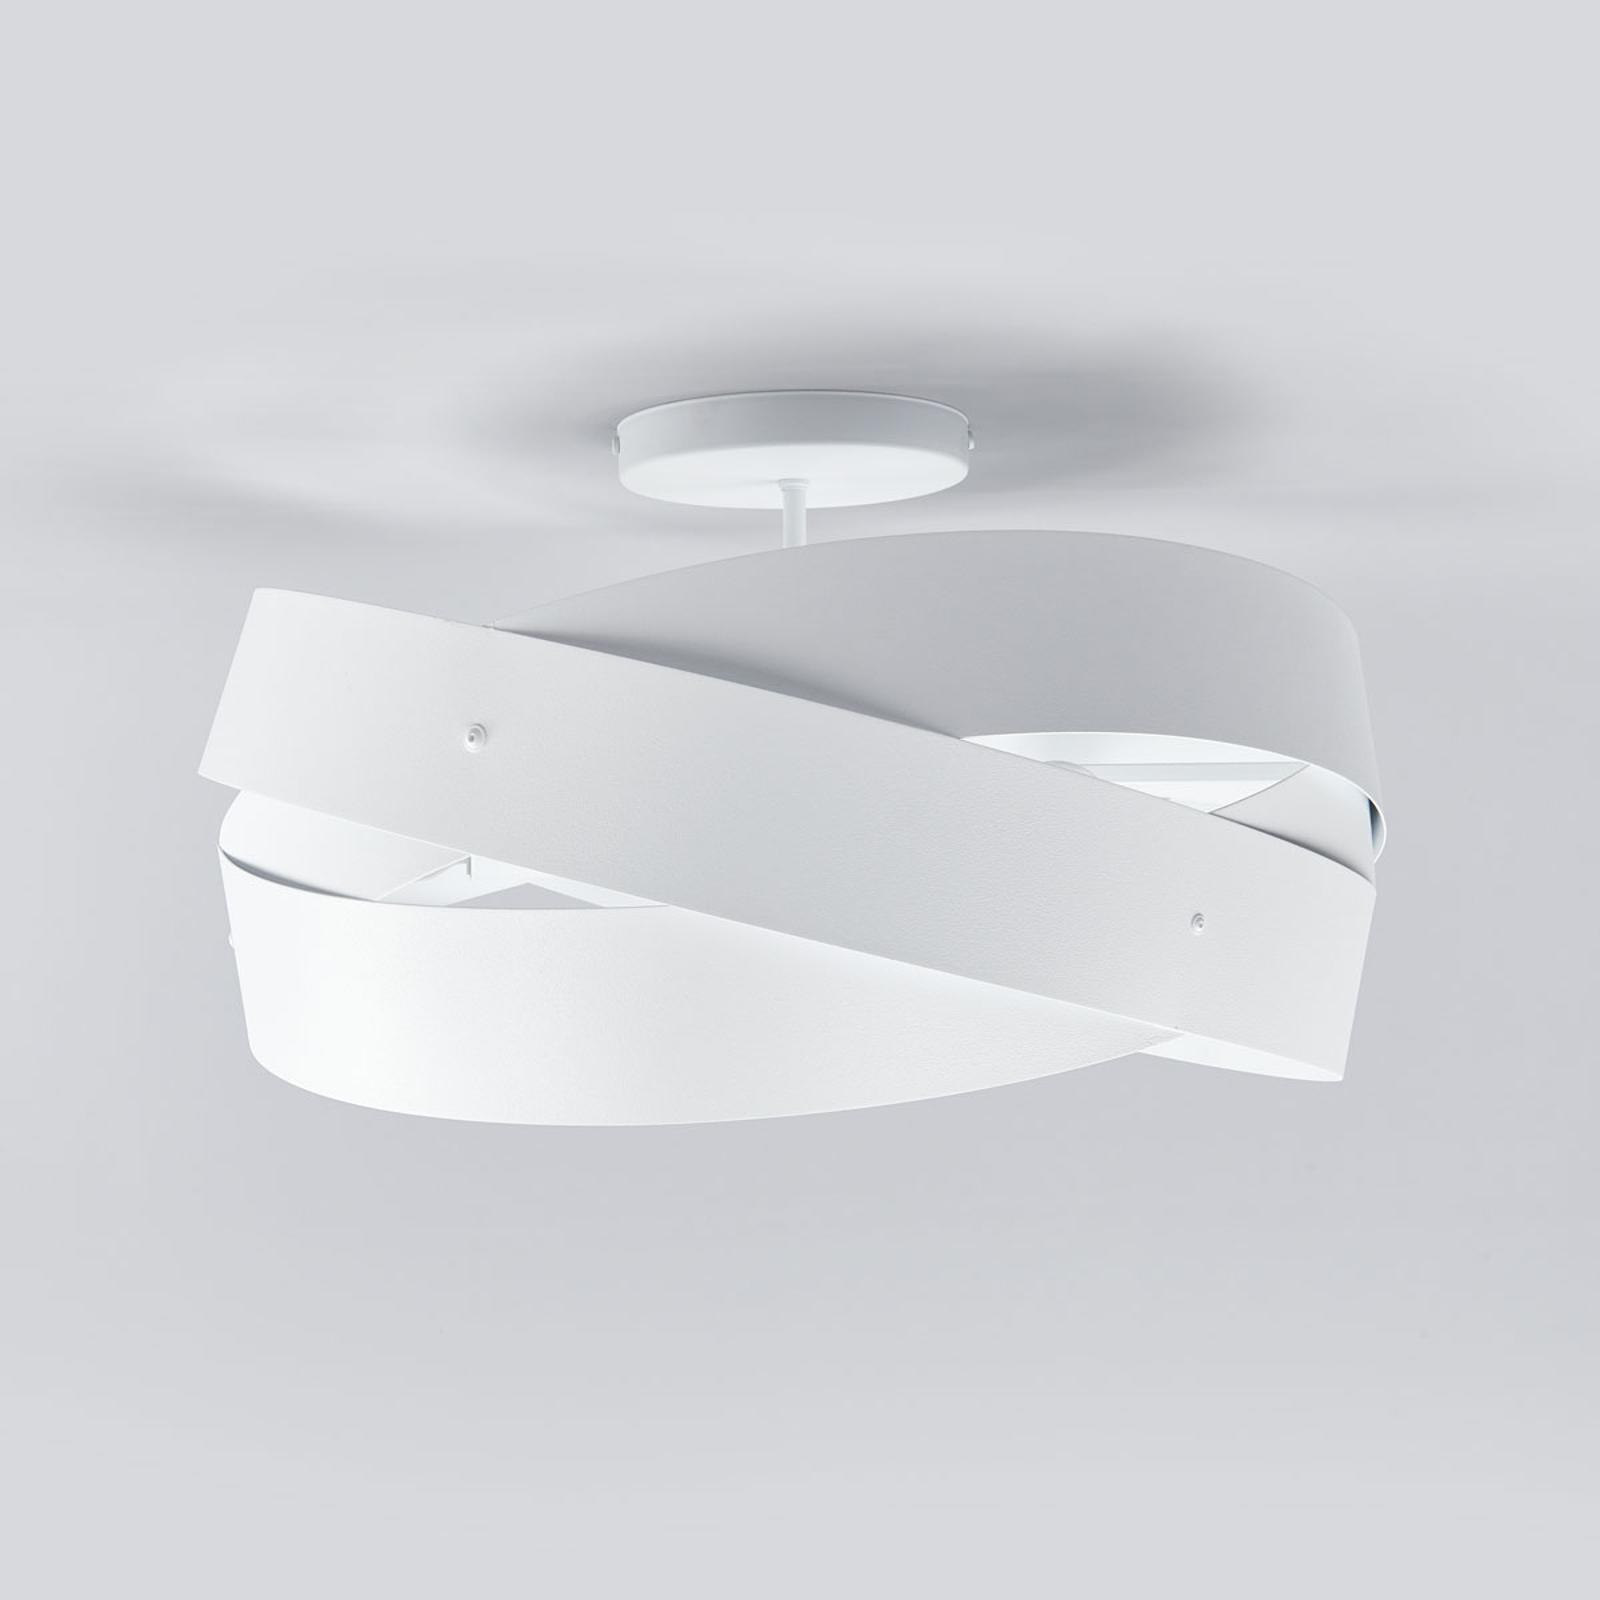 Tornado – biała lampa sufitowa o pięknym kształcie